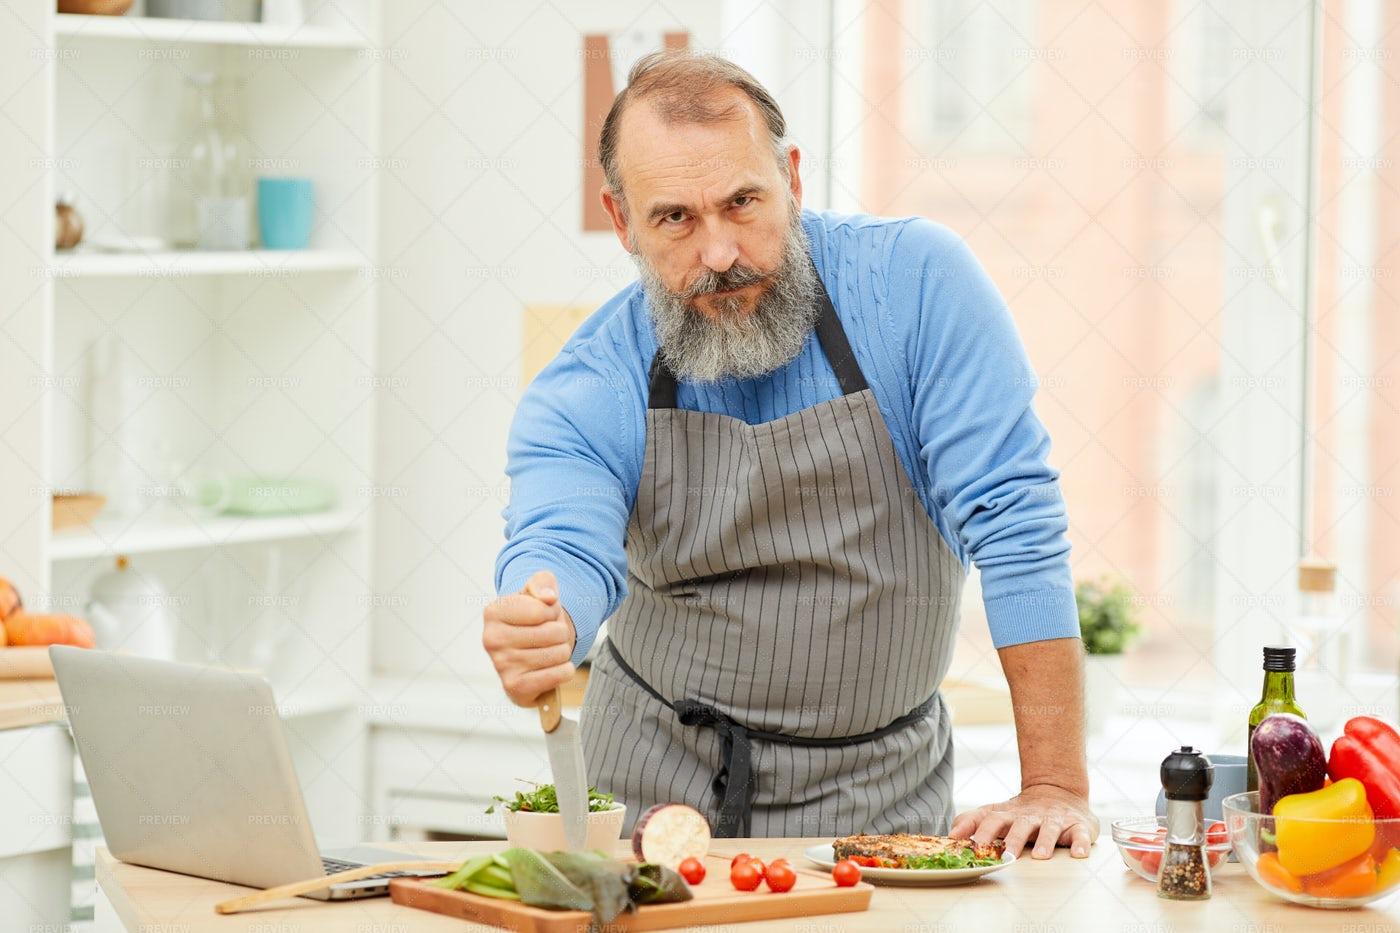 Tough Senior Man Cooking: Stock Photos